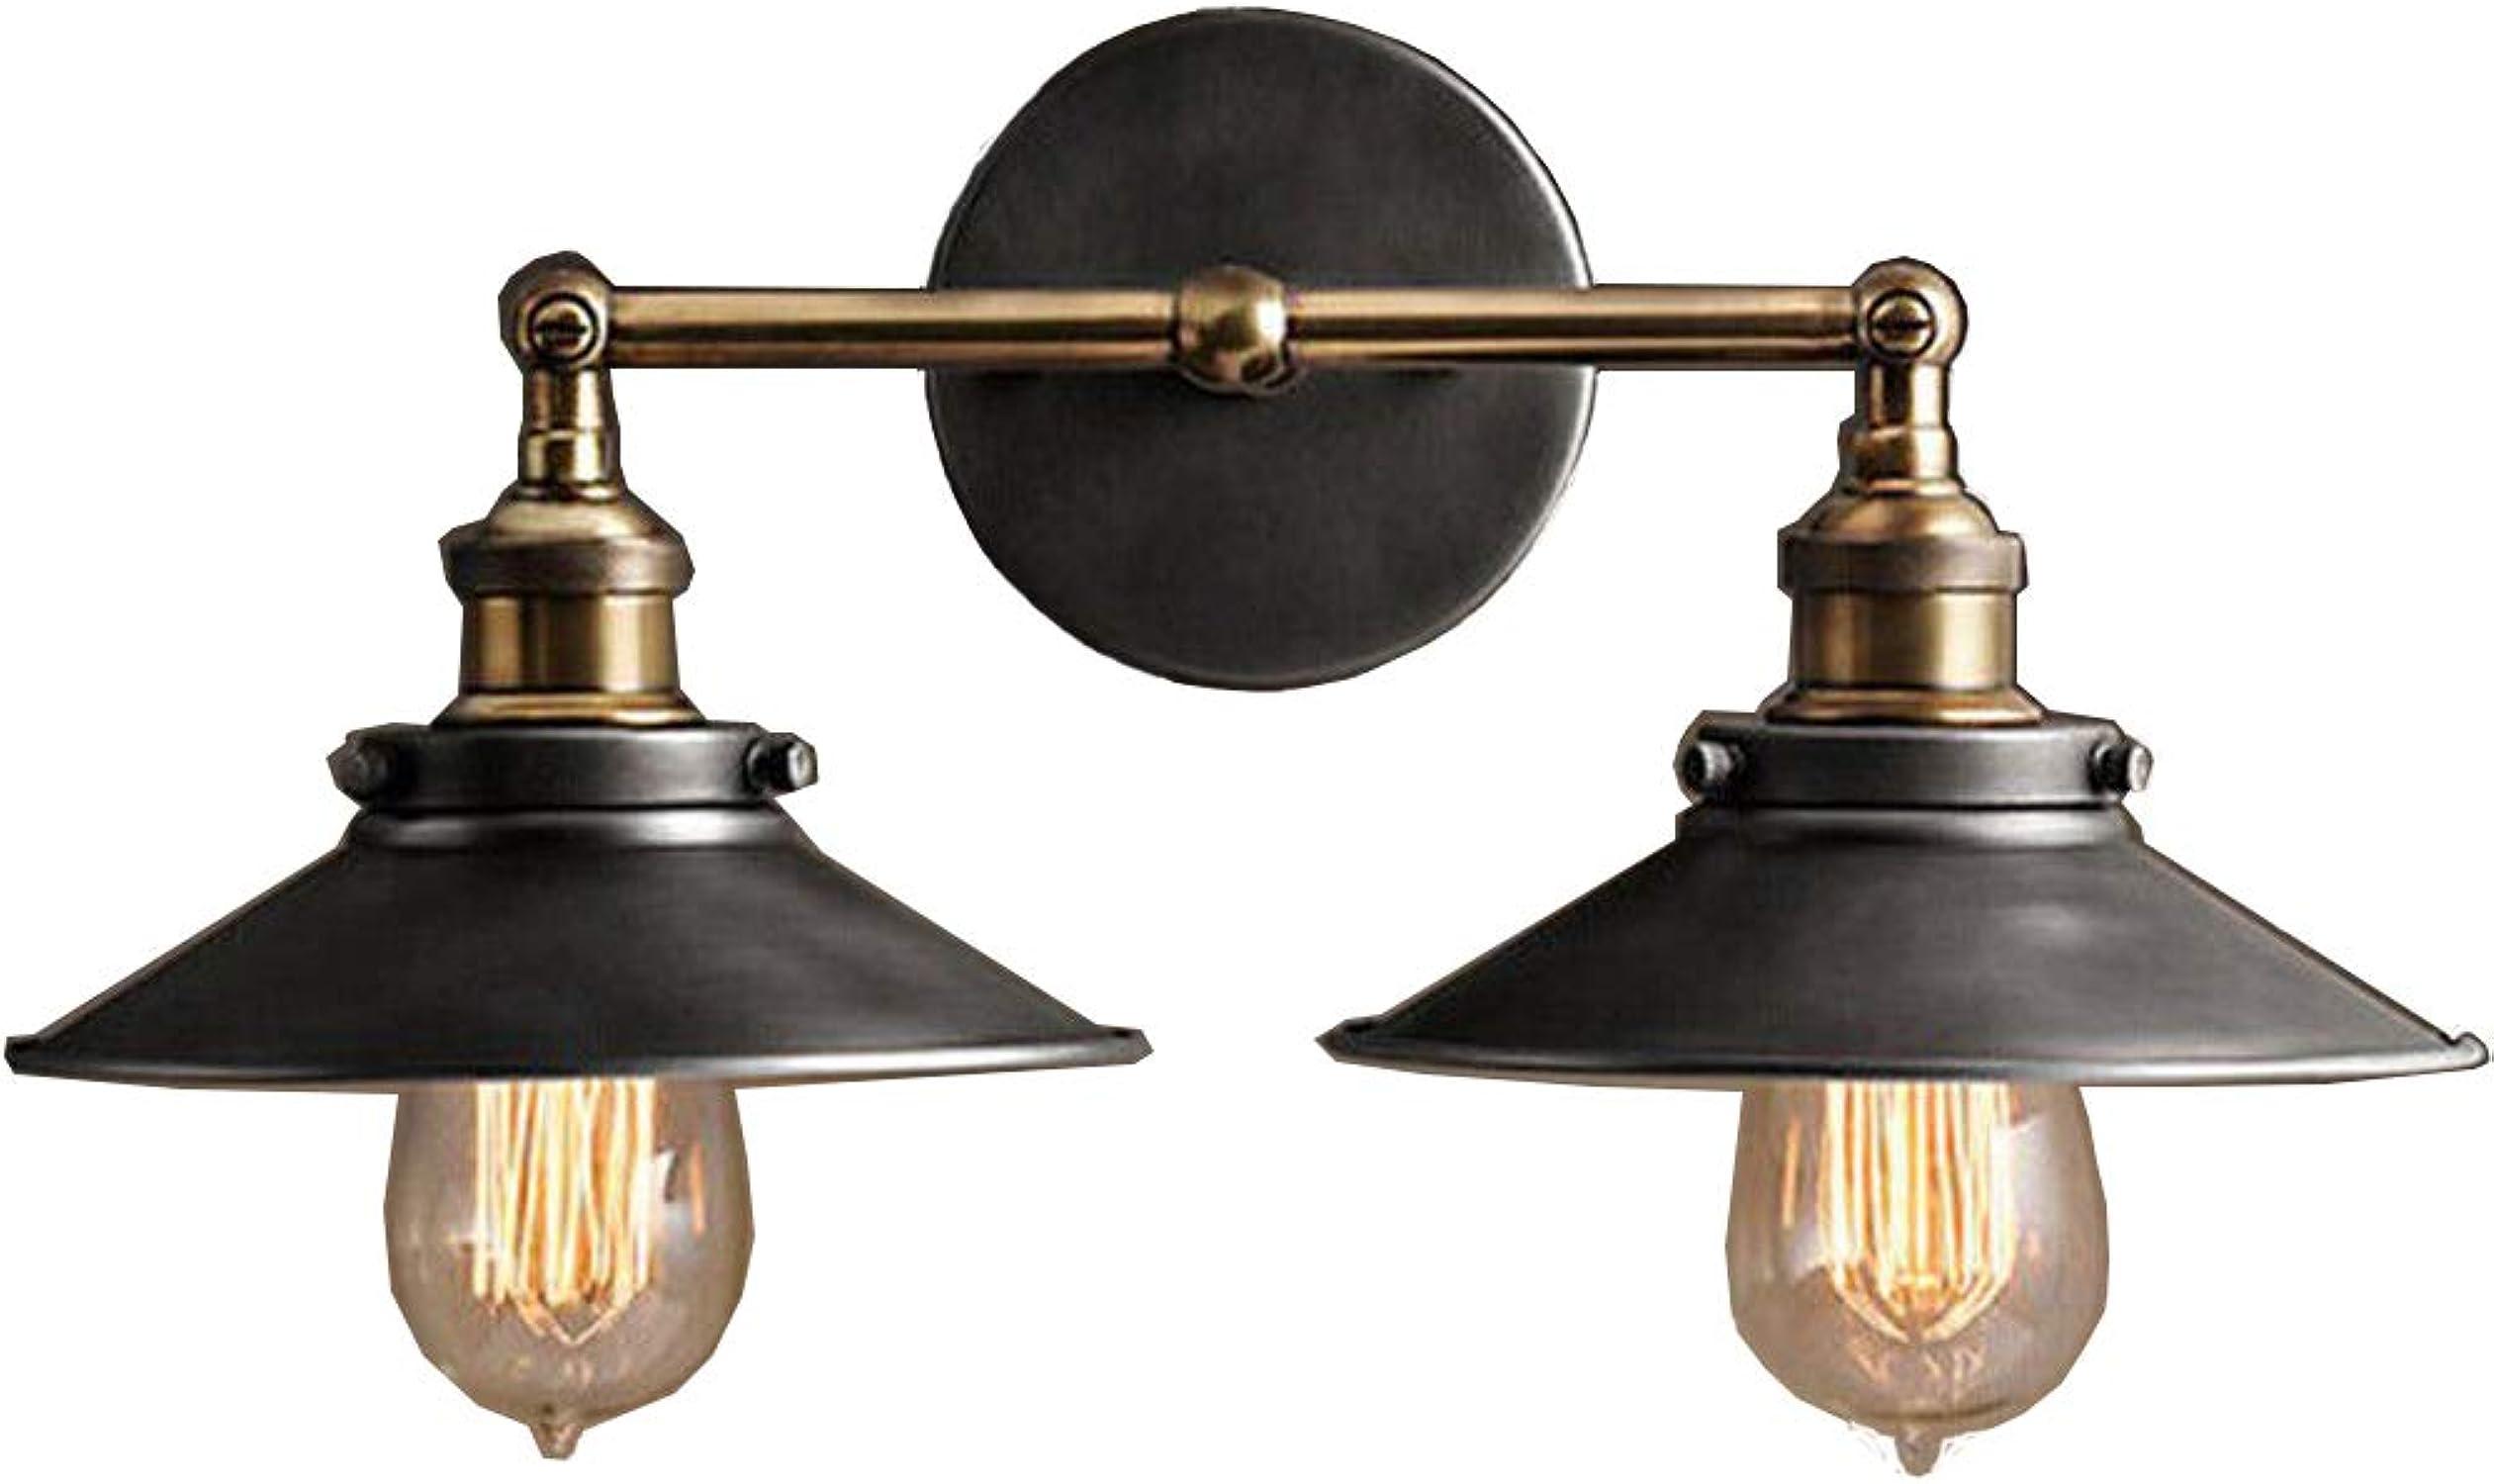 marcas en línea venta barata 2x 40W Edison Retro Antigua lámpara de de de parojo metal Vintage La Industria De 2Focos hsrl de W002  40% de descuento